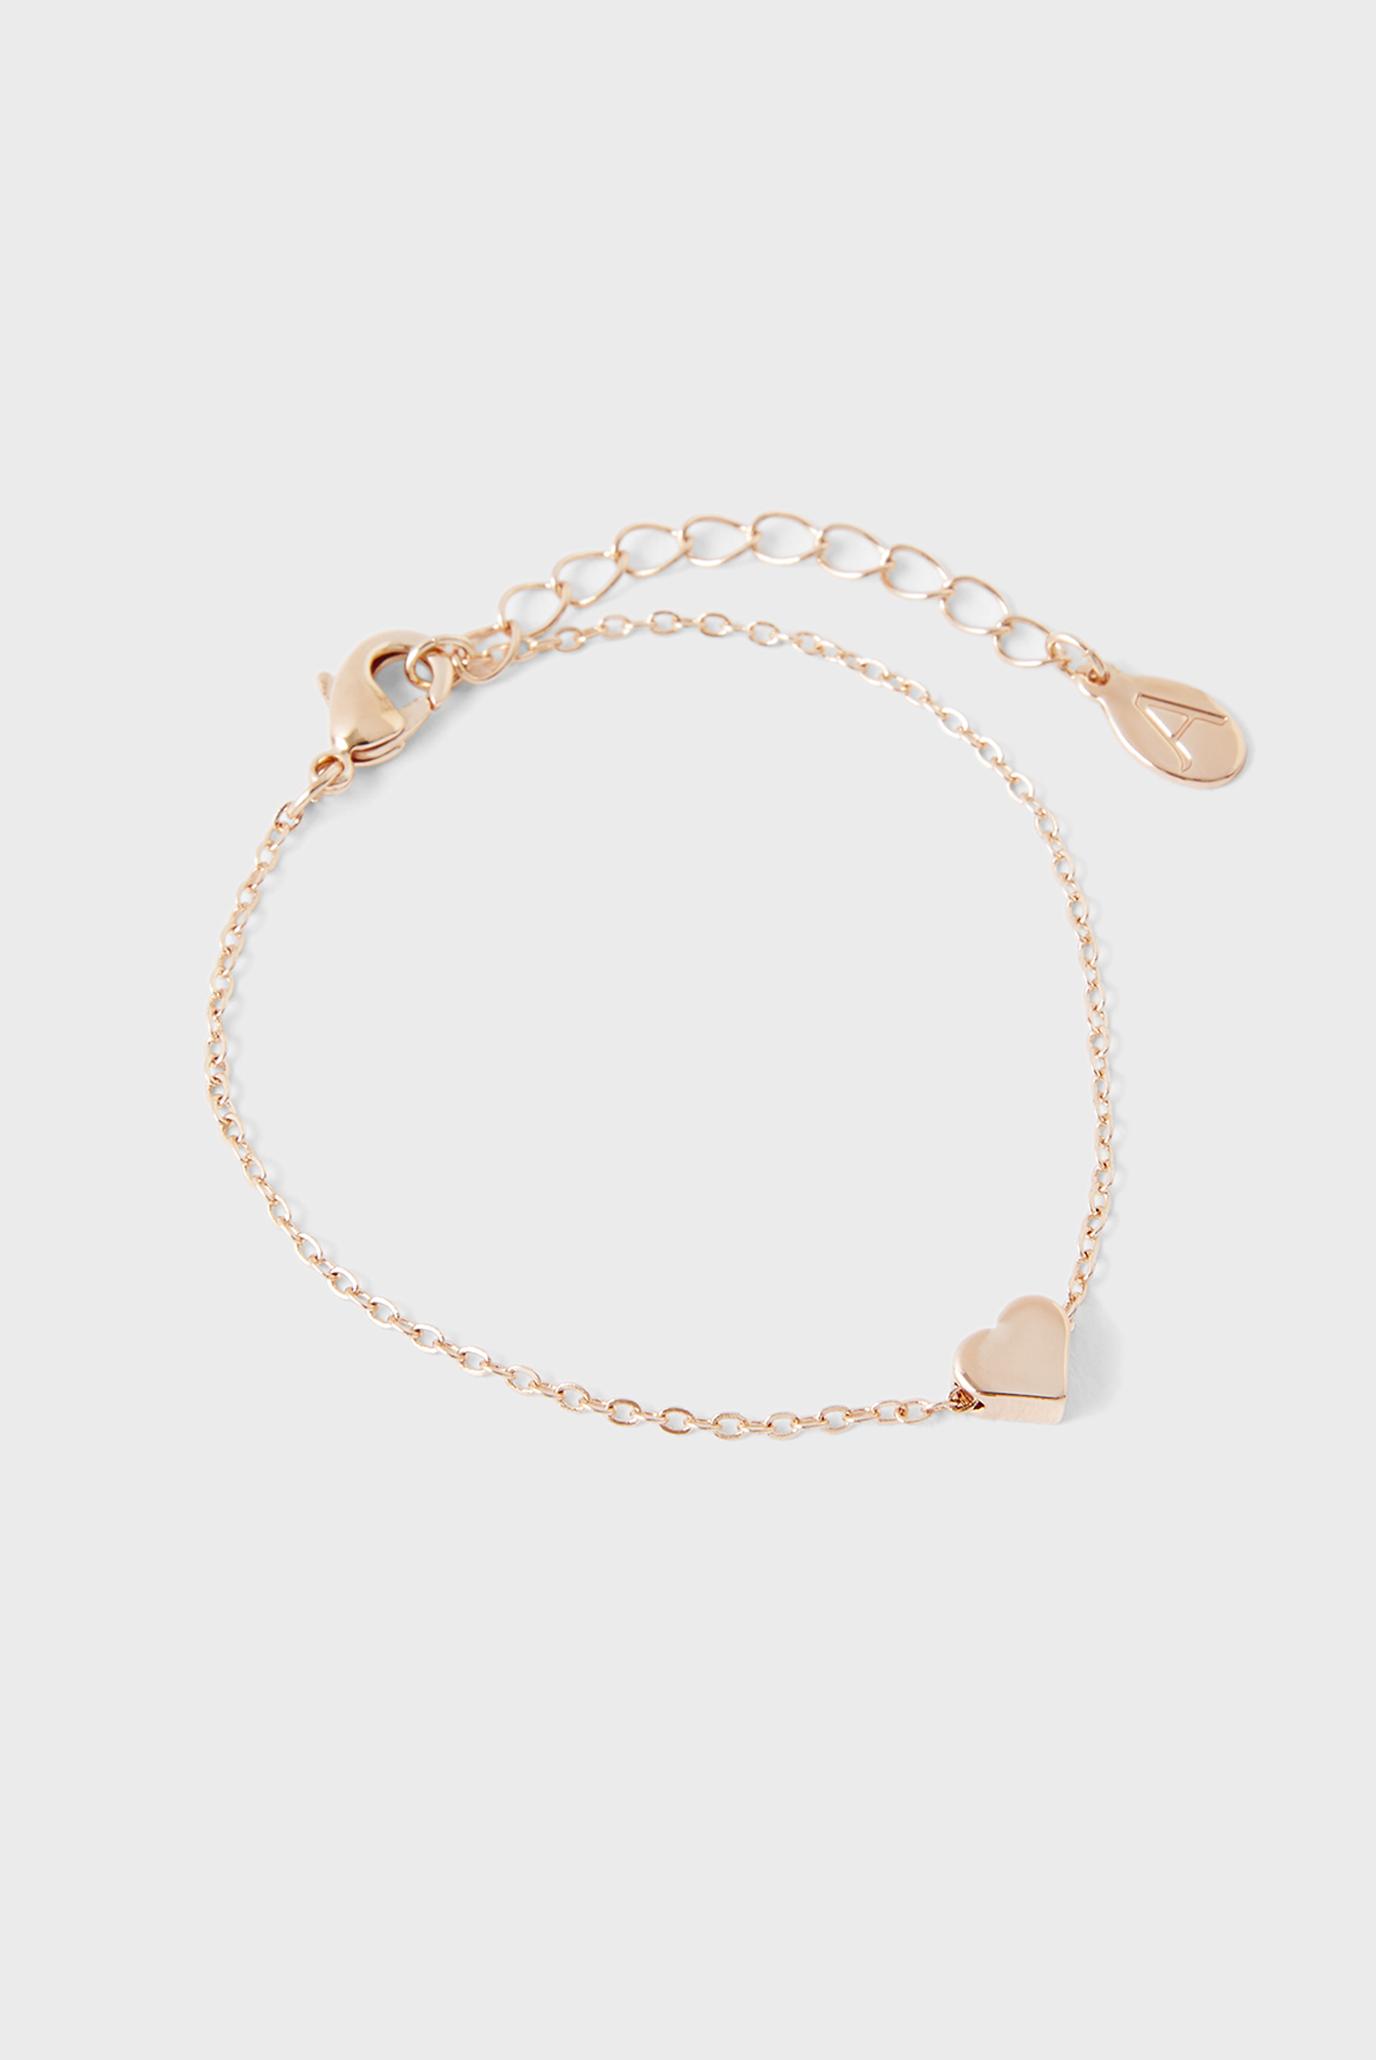 Жіночий золотистий браслет SOLID HEART CLASP 1